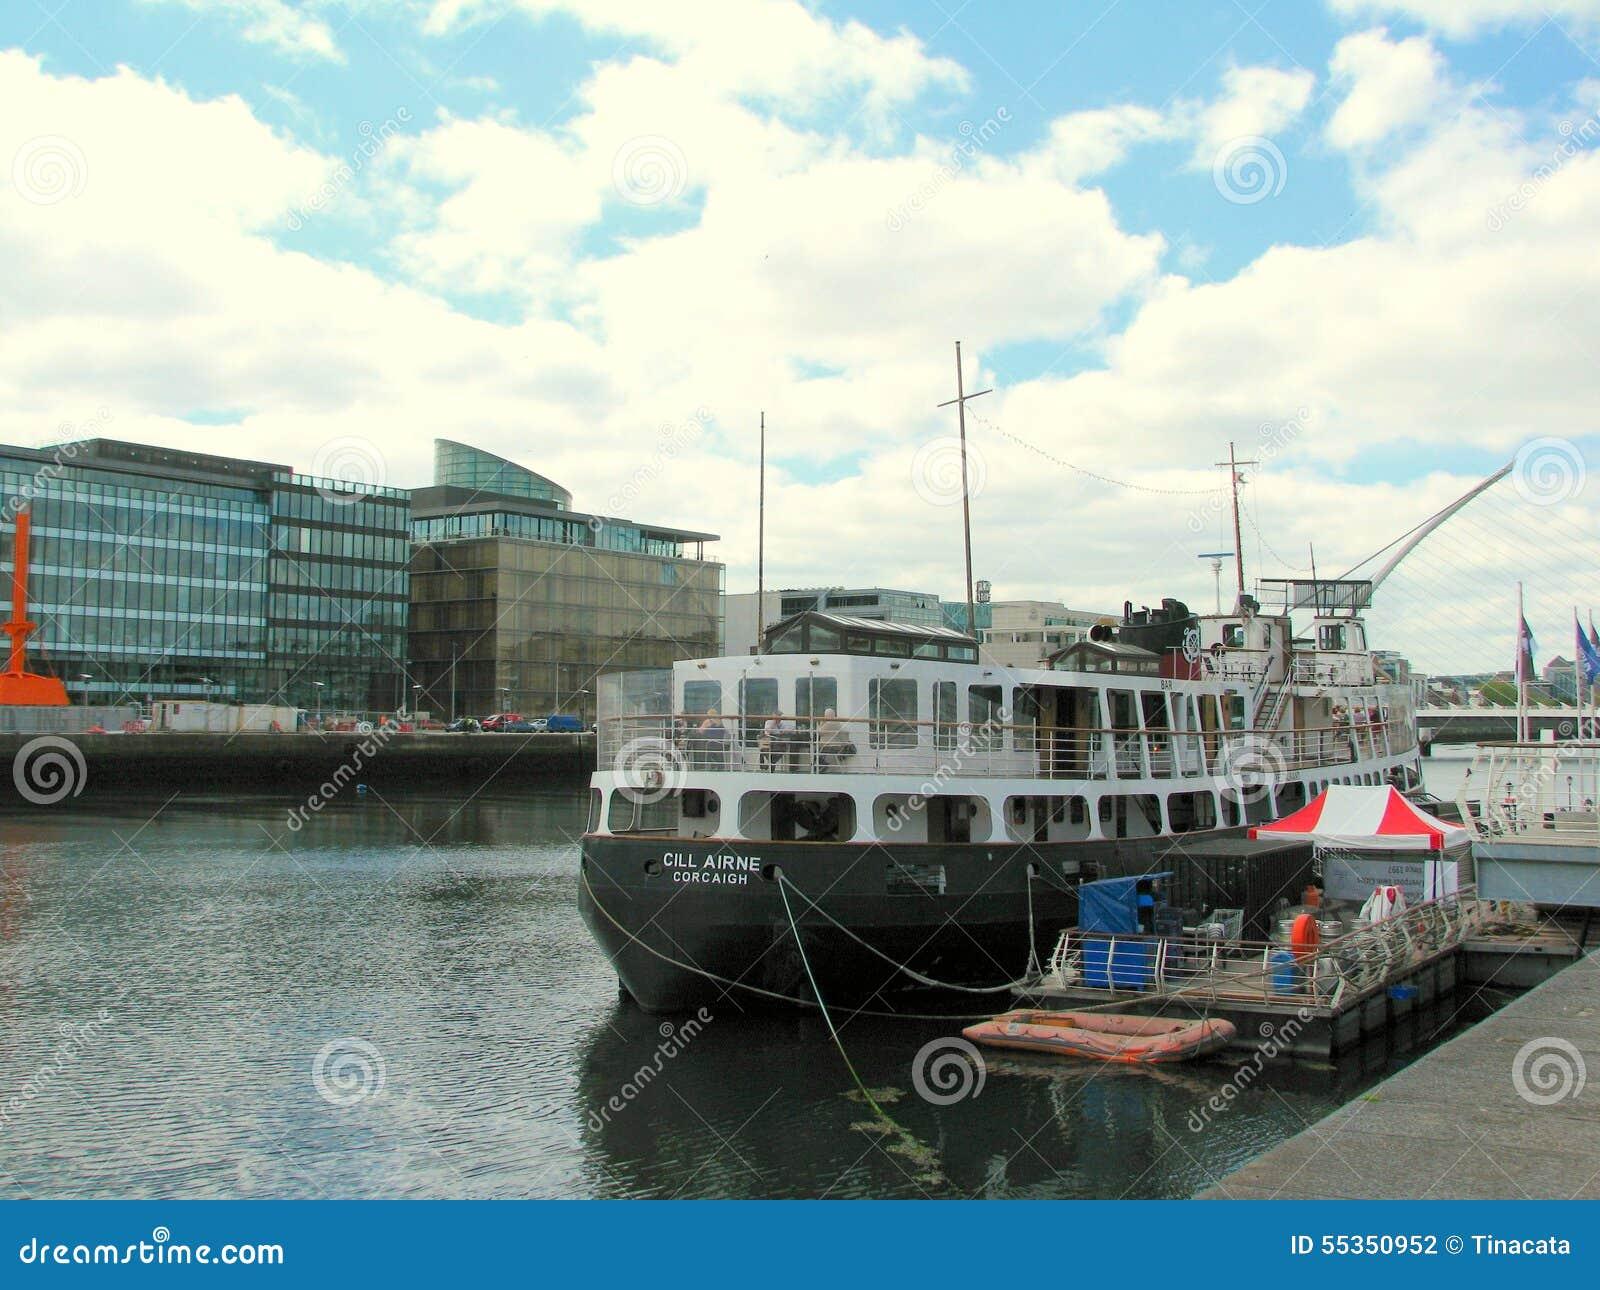 Barca di Cill Airne Corcaigh